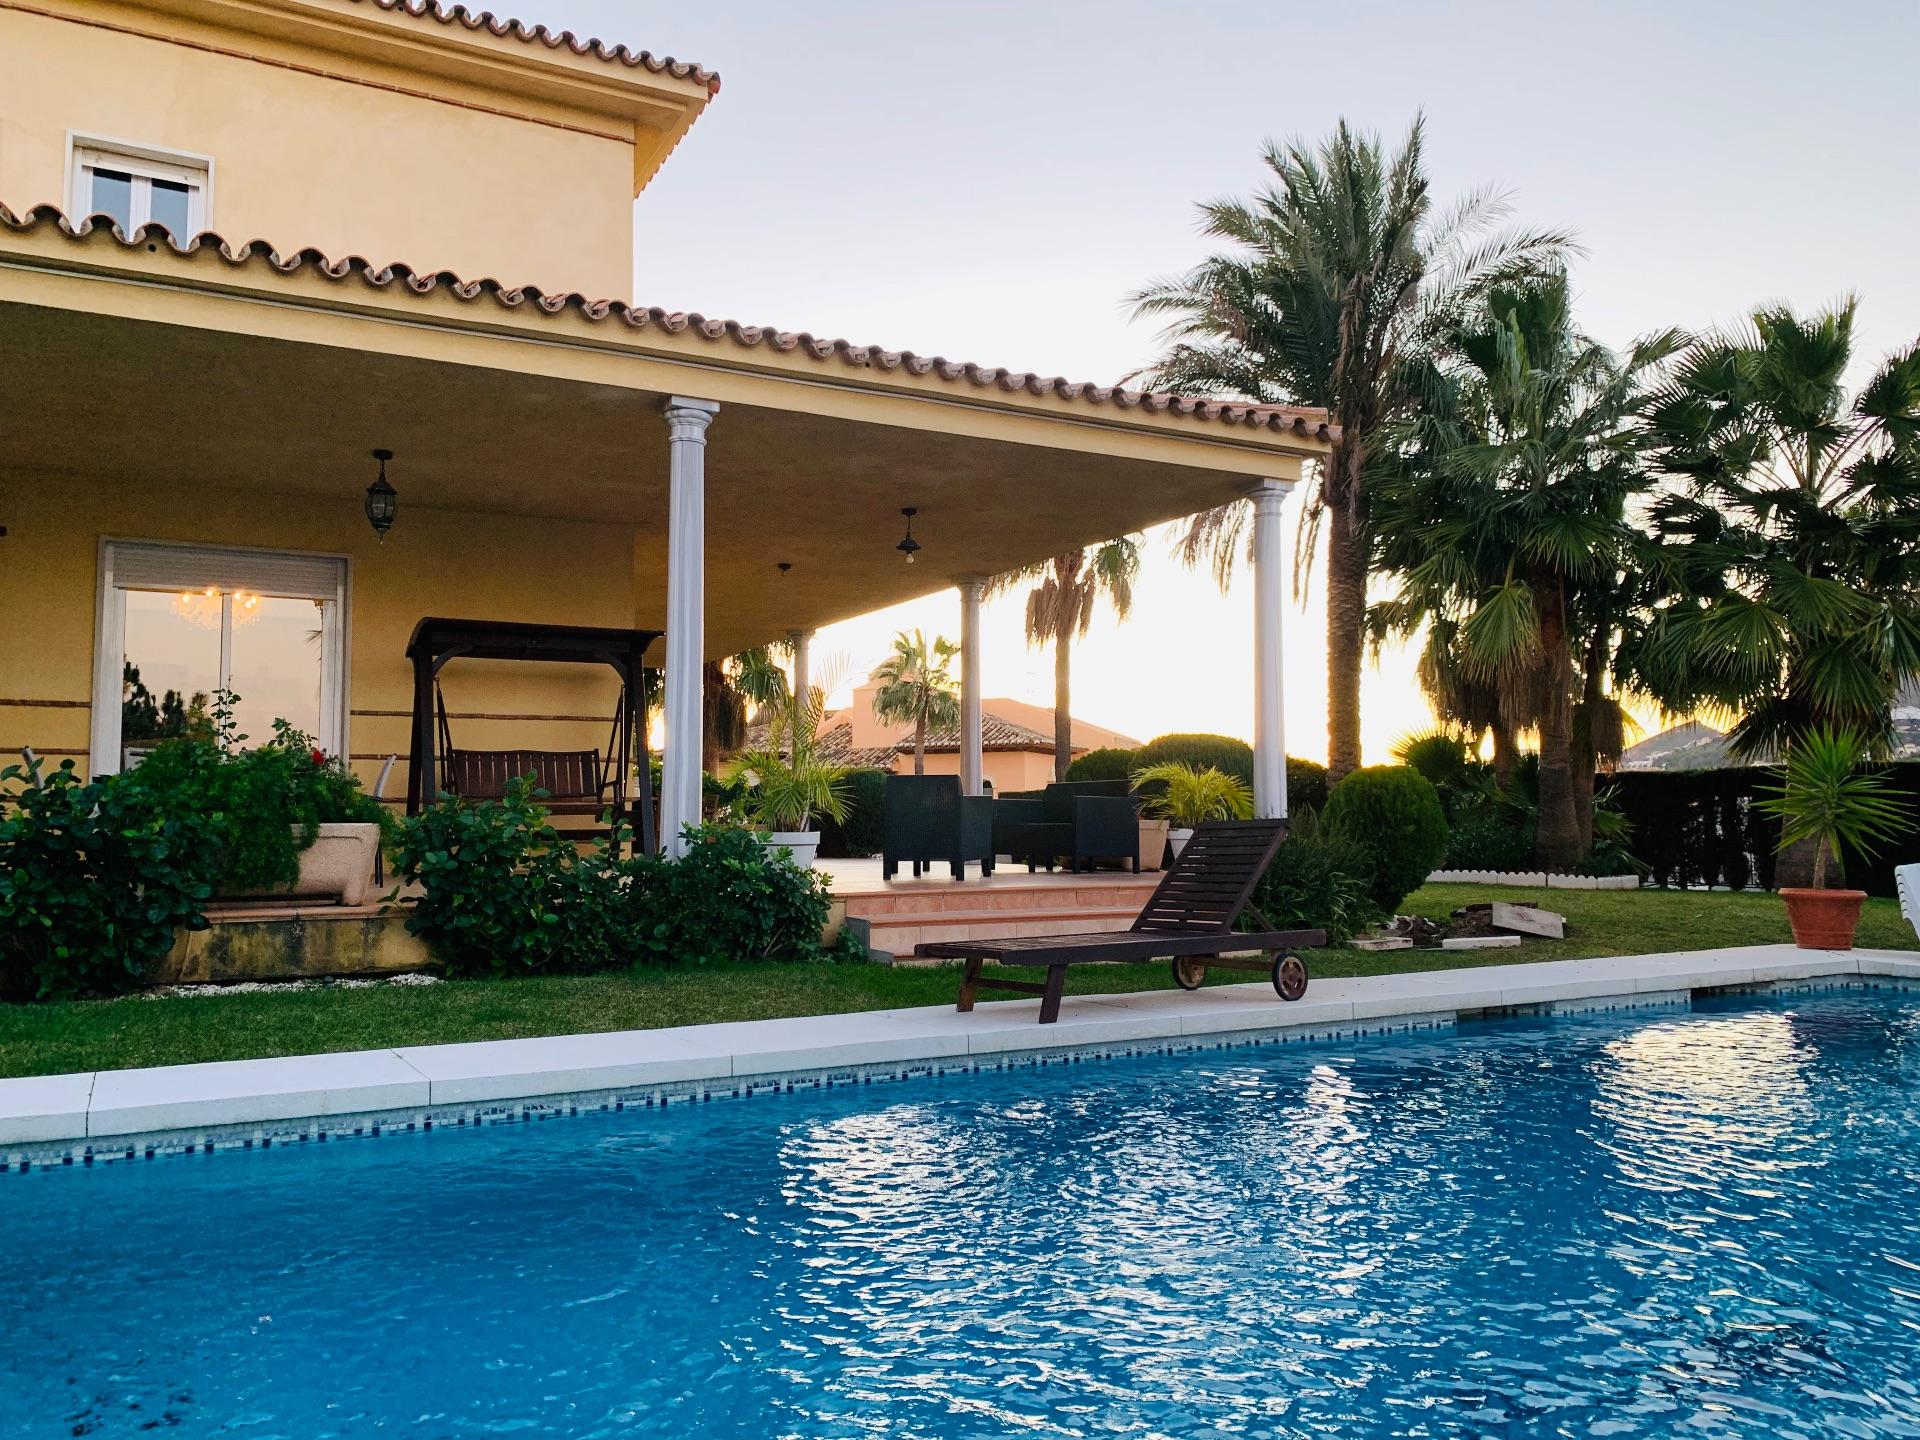 Villa de Lujo en Benalmádena, venta